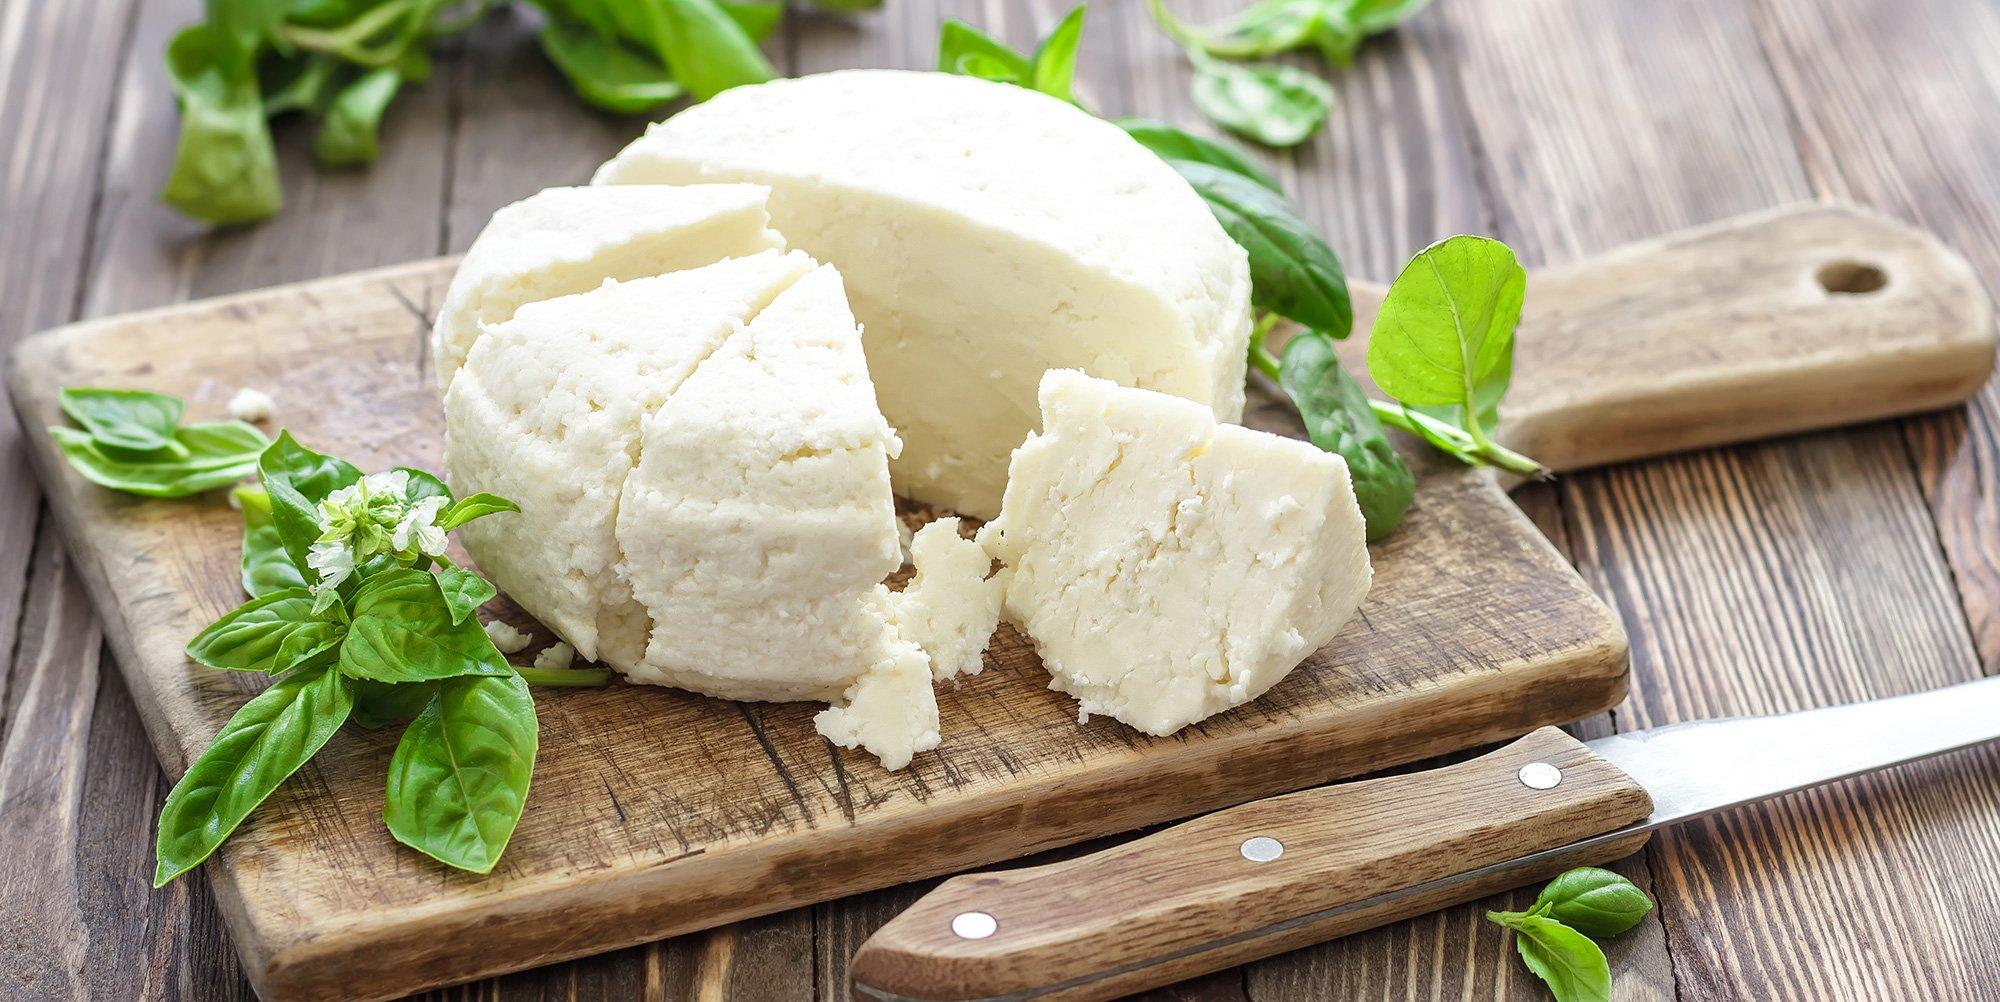 Сыр из молока в домашних условиях рецепт с фото пошагово